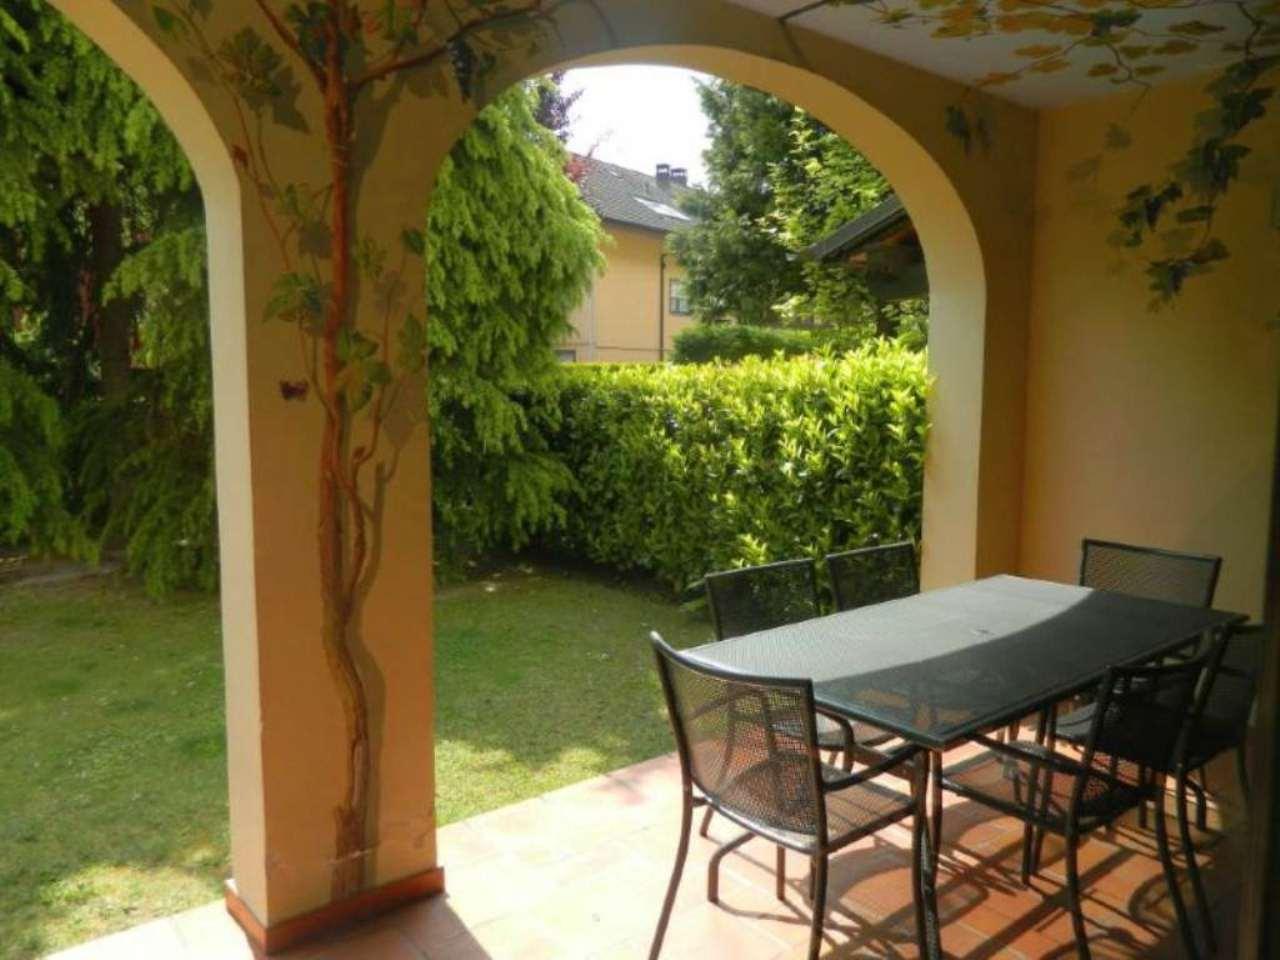 Villa Bifamiliare in vendita a Montagna in Valtellina, 7 locali, Trattative riservate | CambioCasa.it